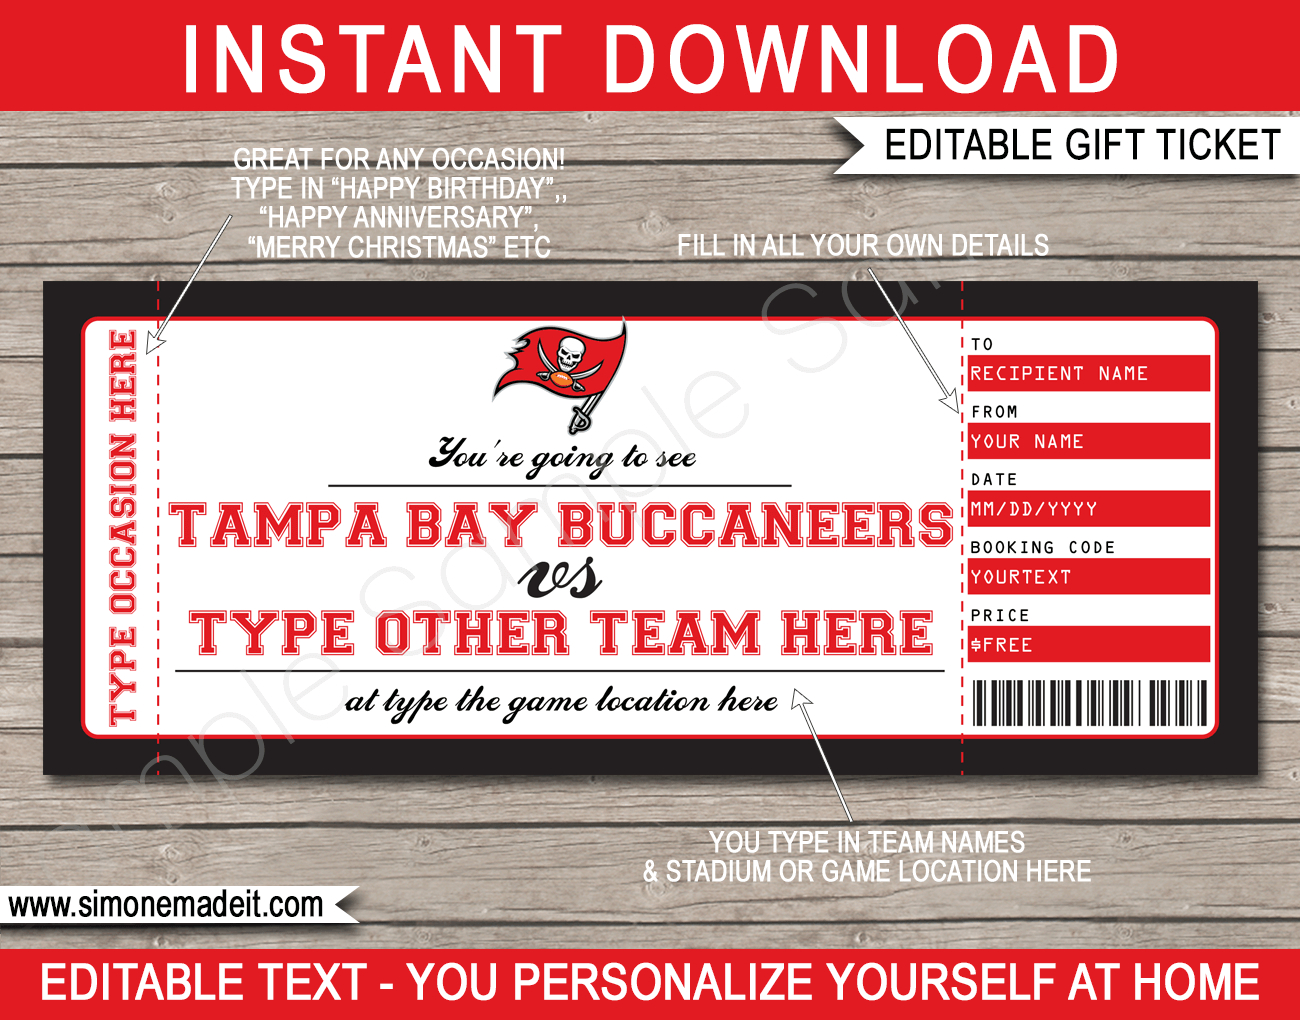 Tampa Bay Buccaneers Gift Vouchers